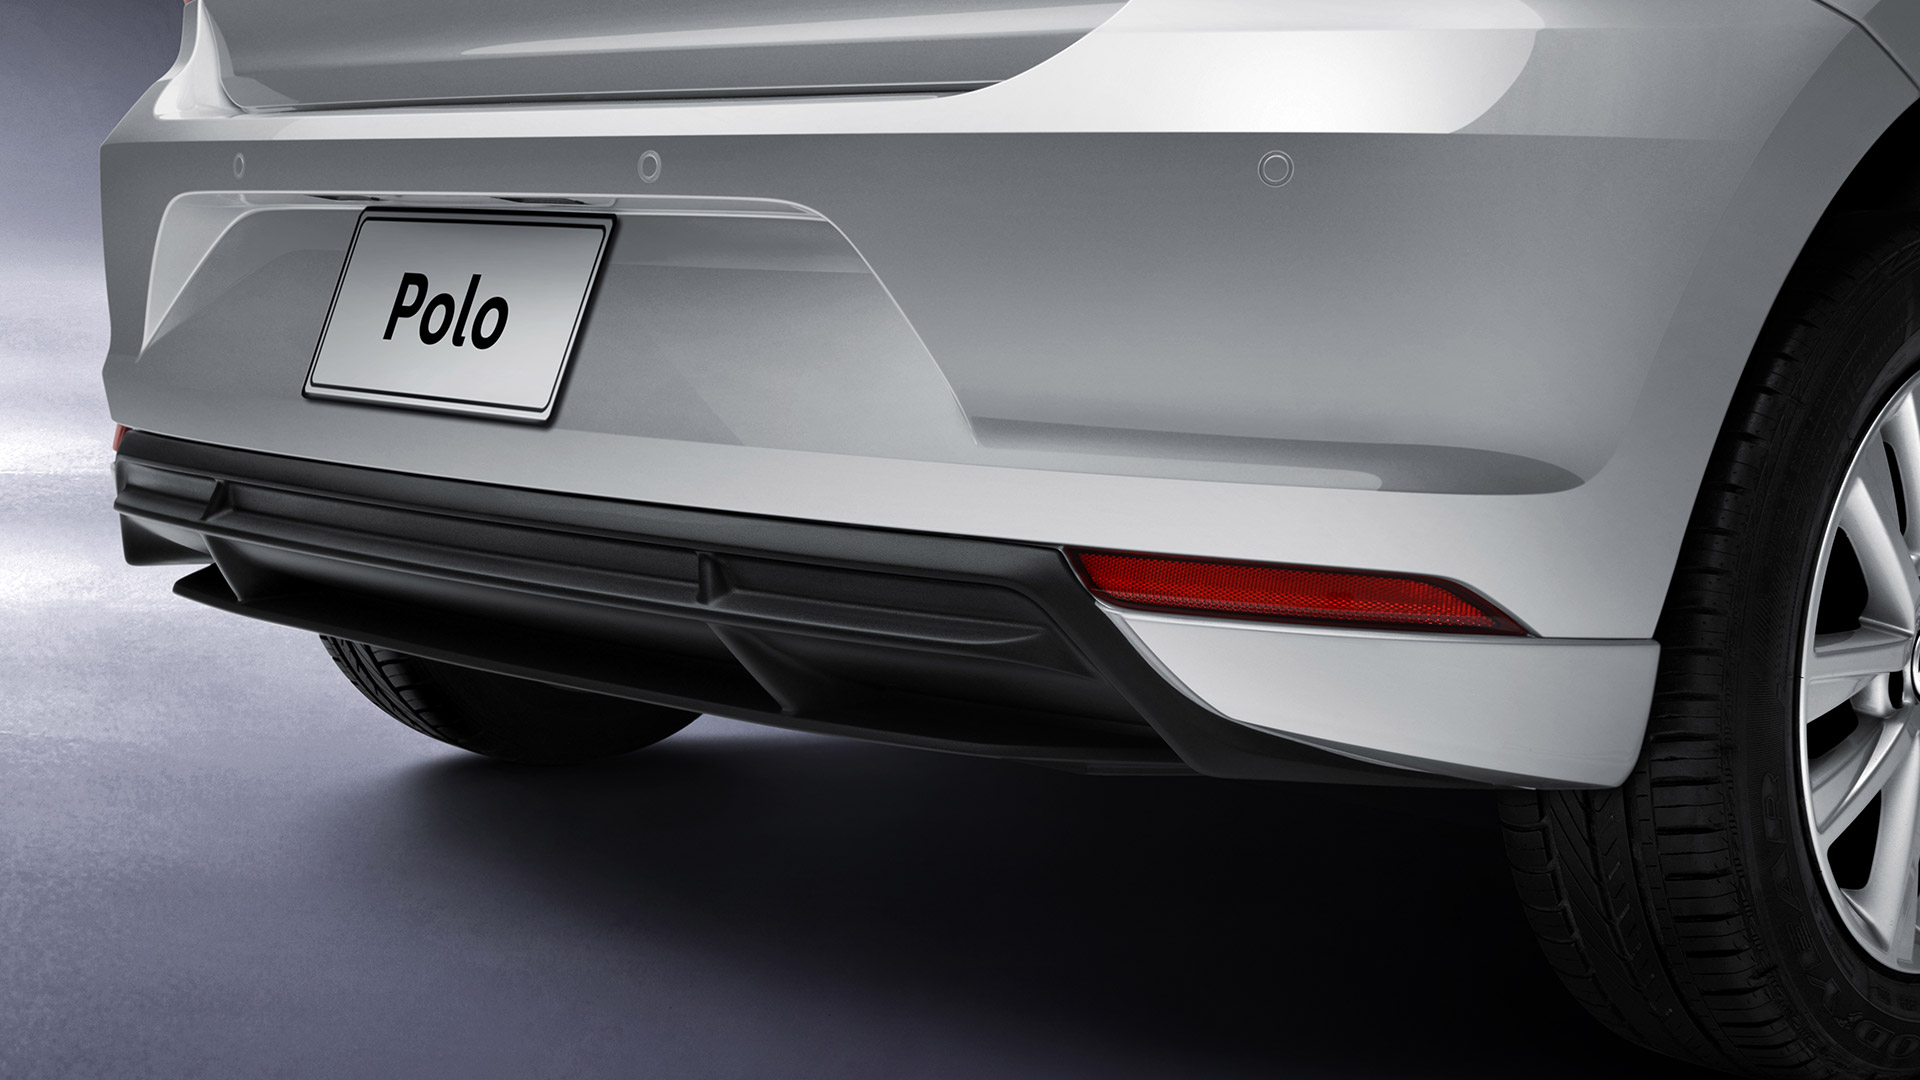 Sensores de reversa acústicos para Volkswagen Polo.